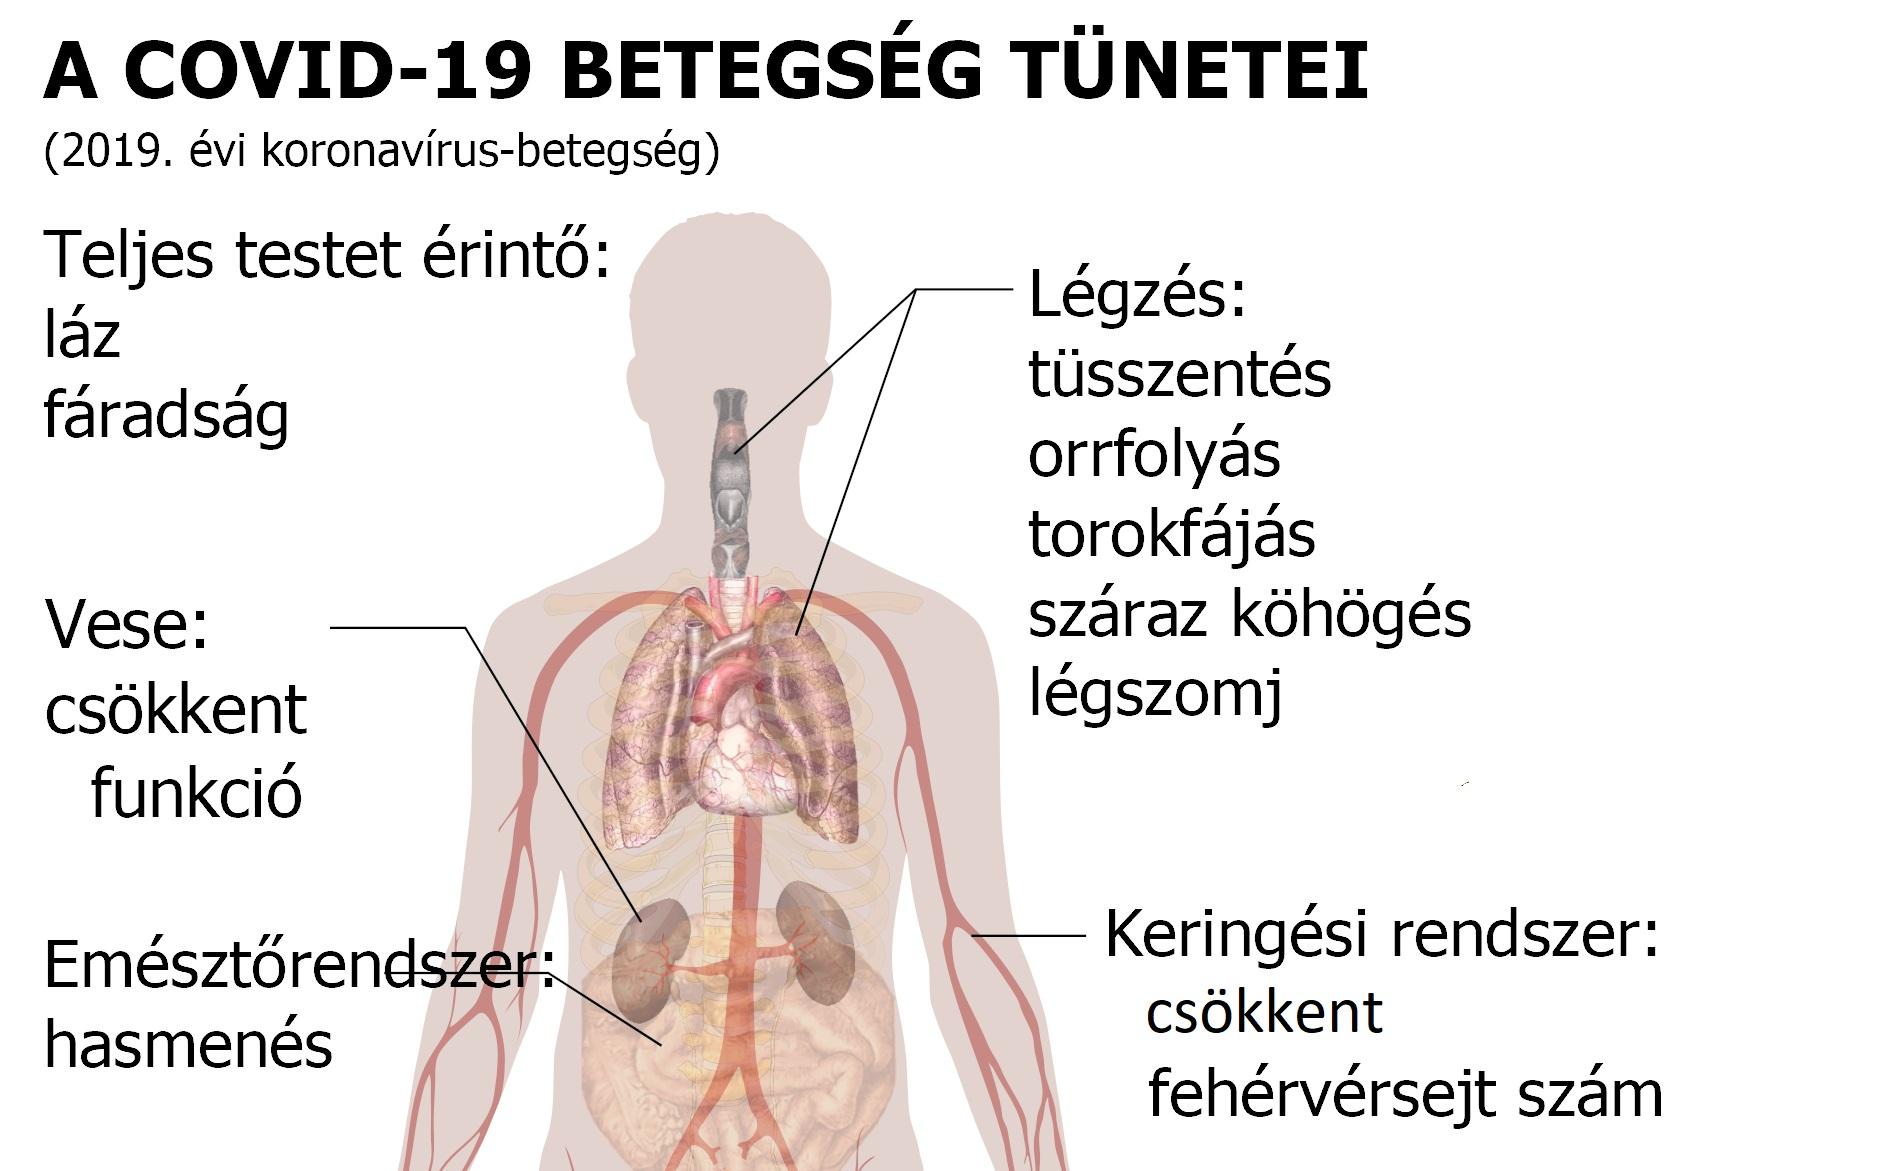 női szervek enterobiosis